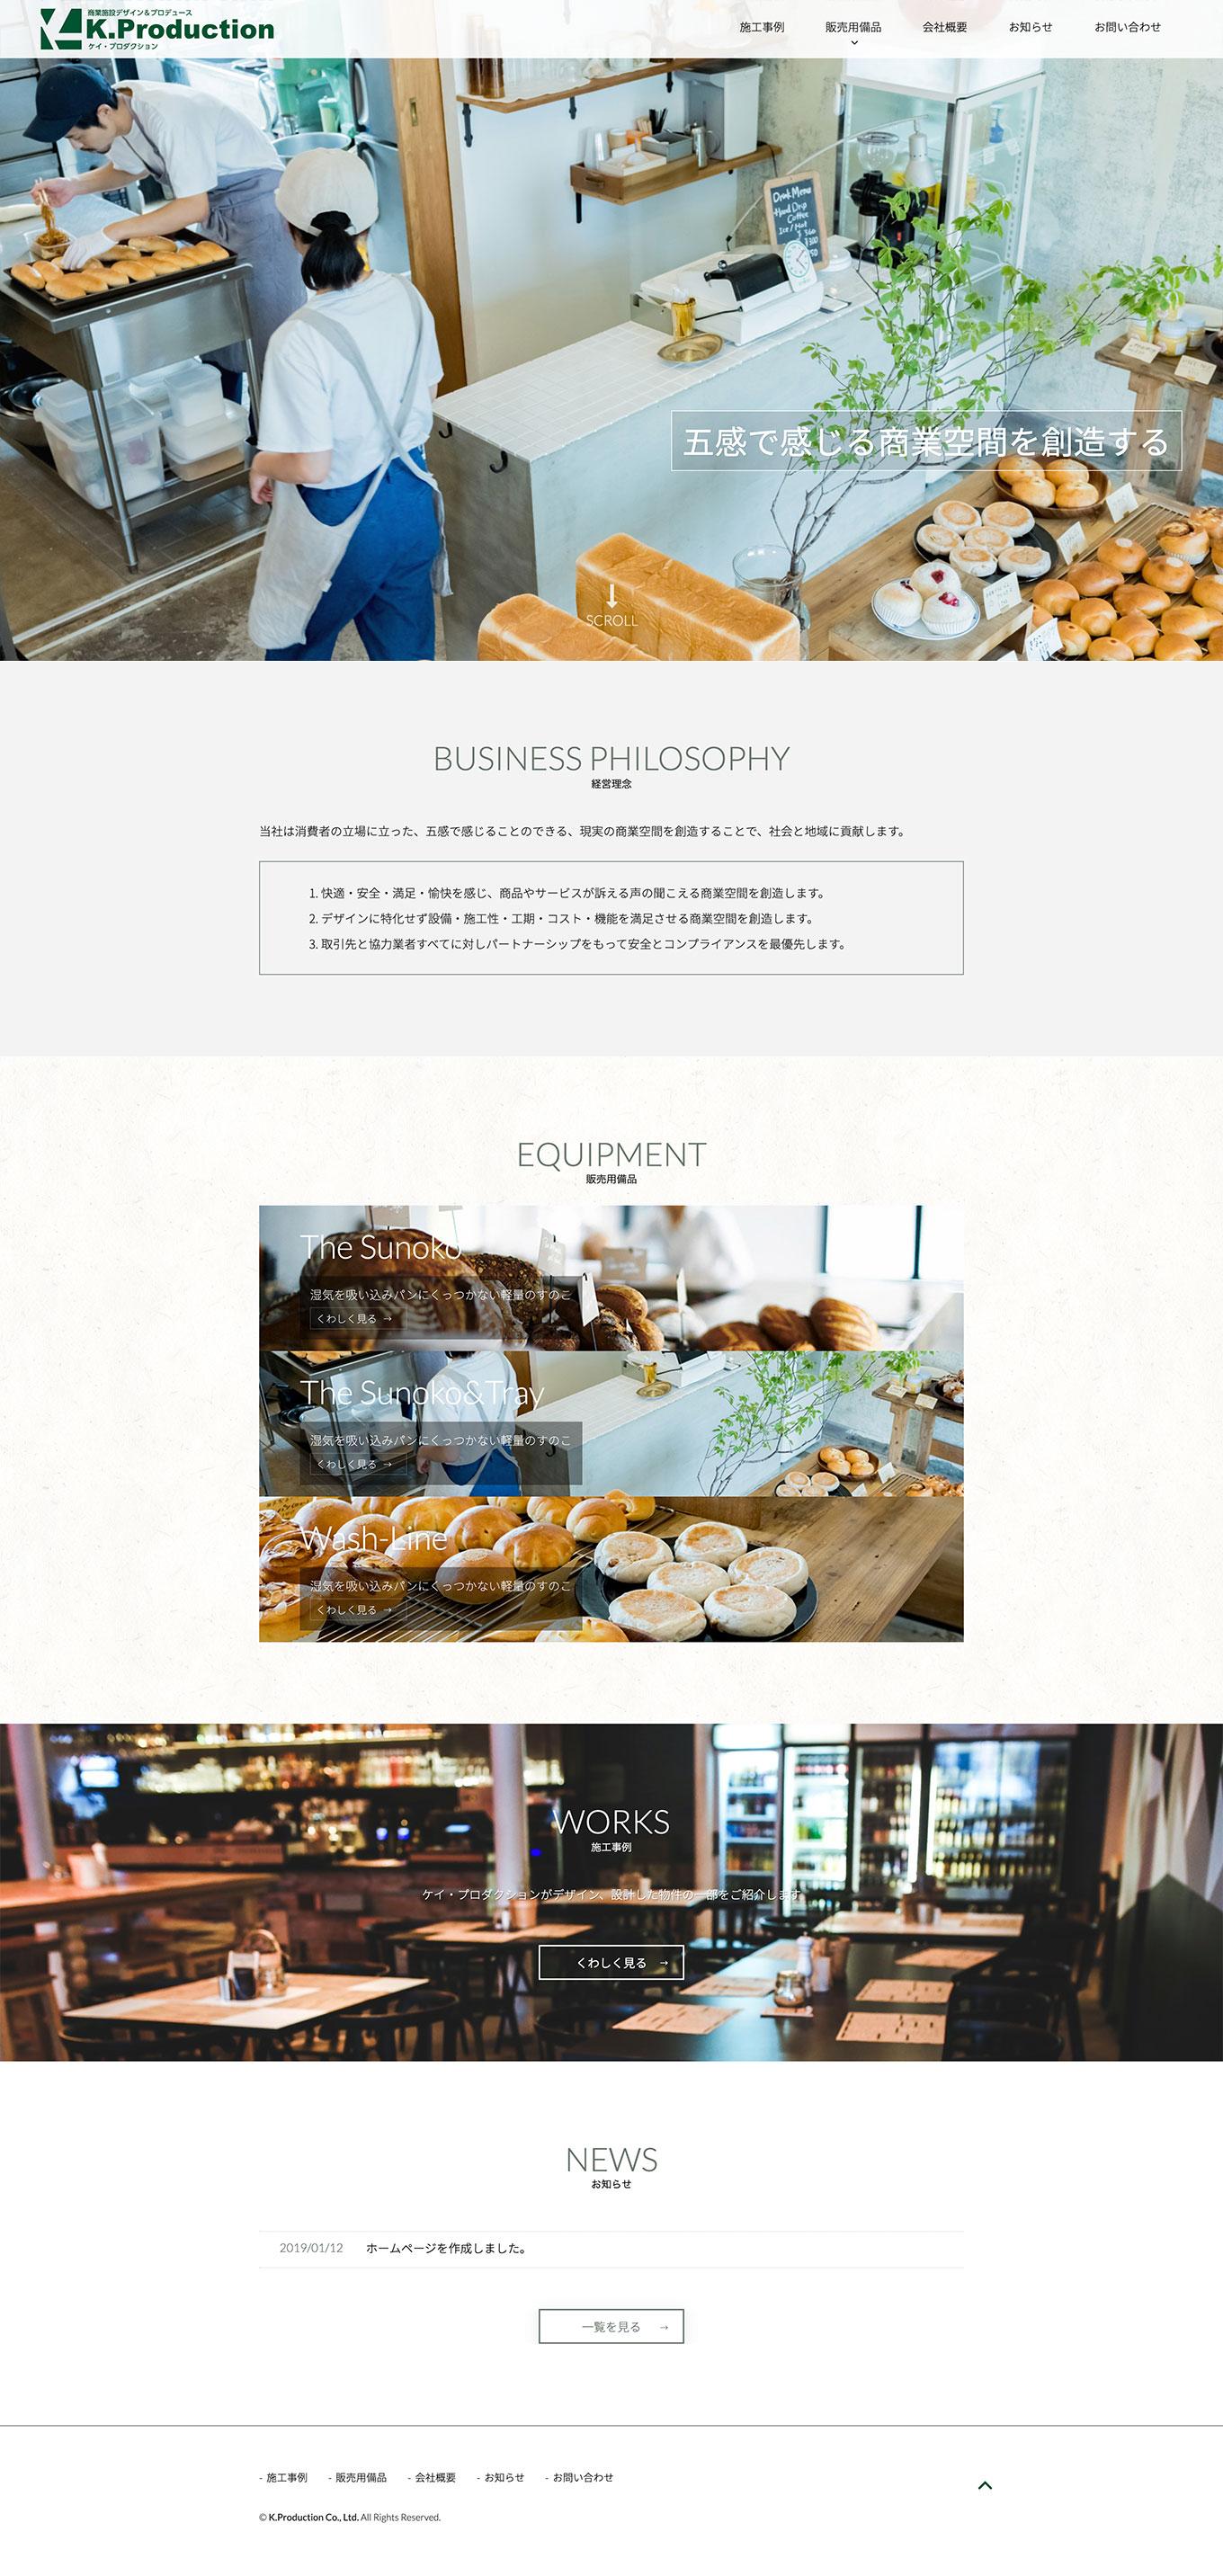 株式会社ケイ・プロダクション様のホームページをGMOメイクショップ に移行しましたスマートフォンの見た目